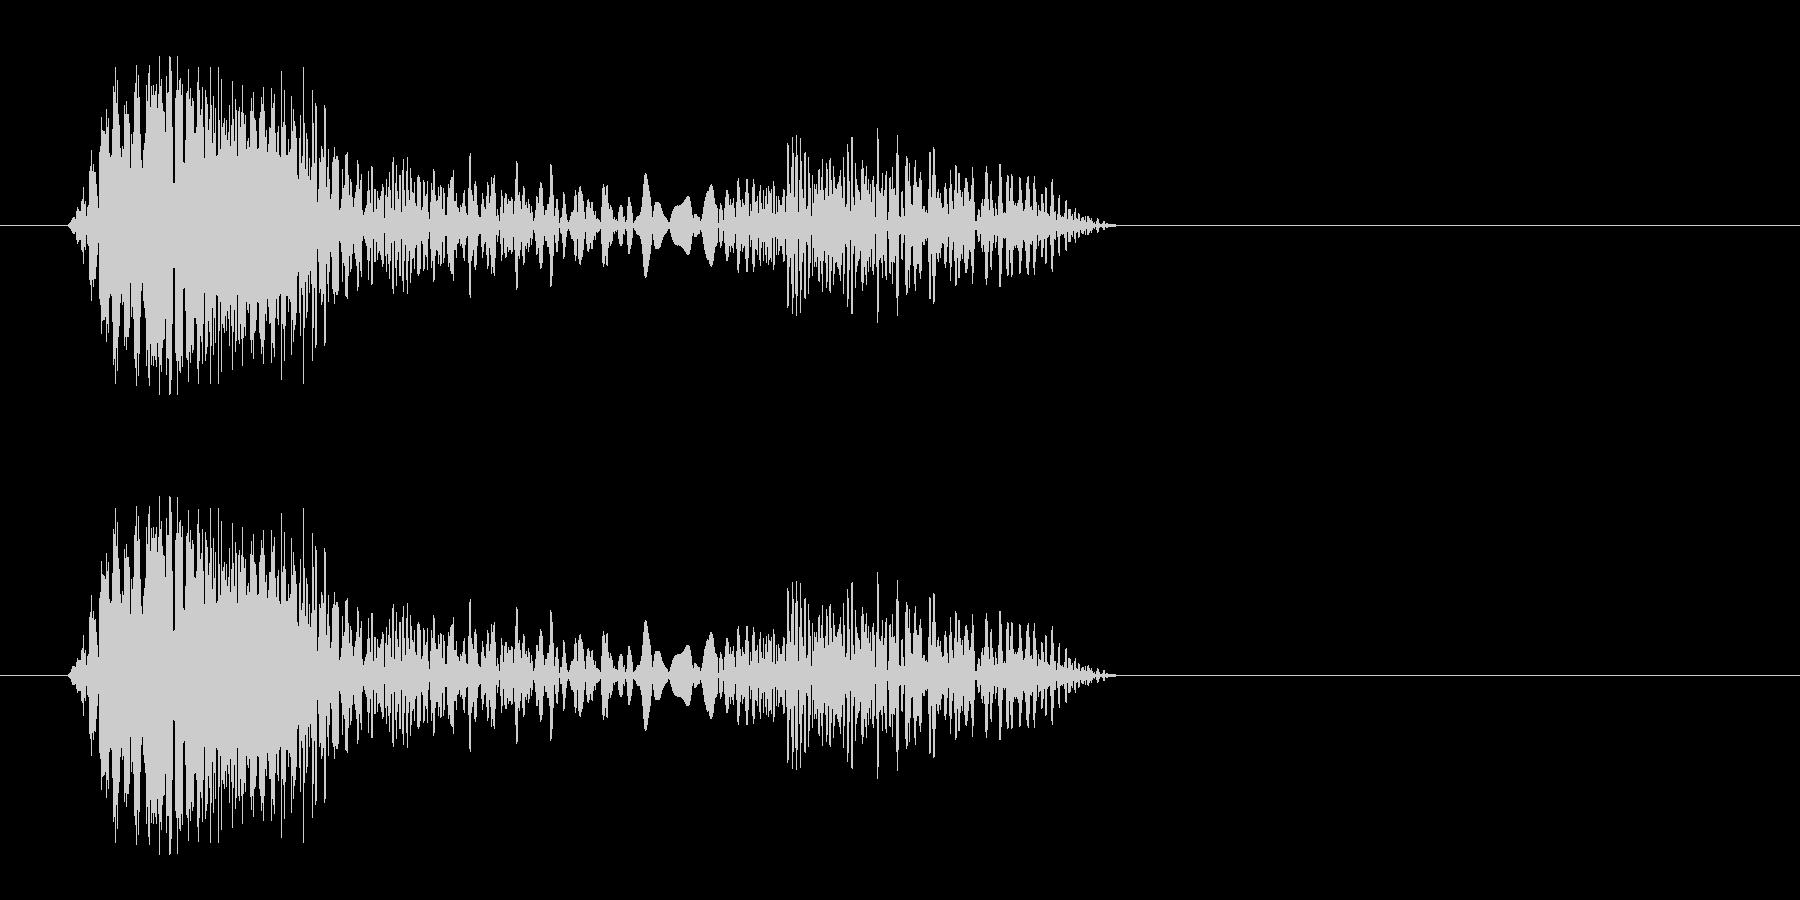 ピドッ(何かが張り付いたような効果音)の未再生の波形